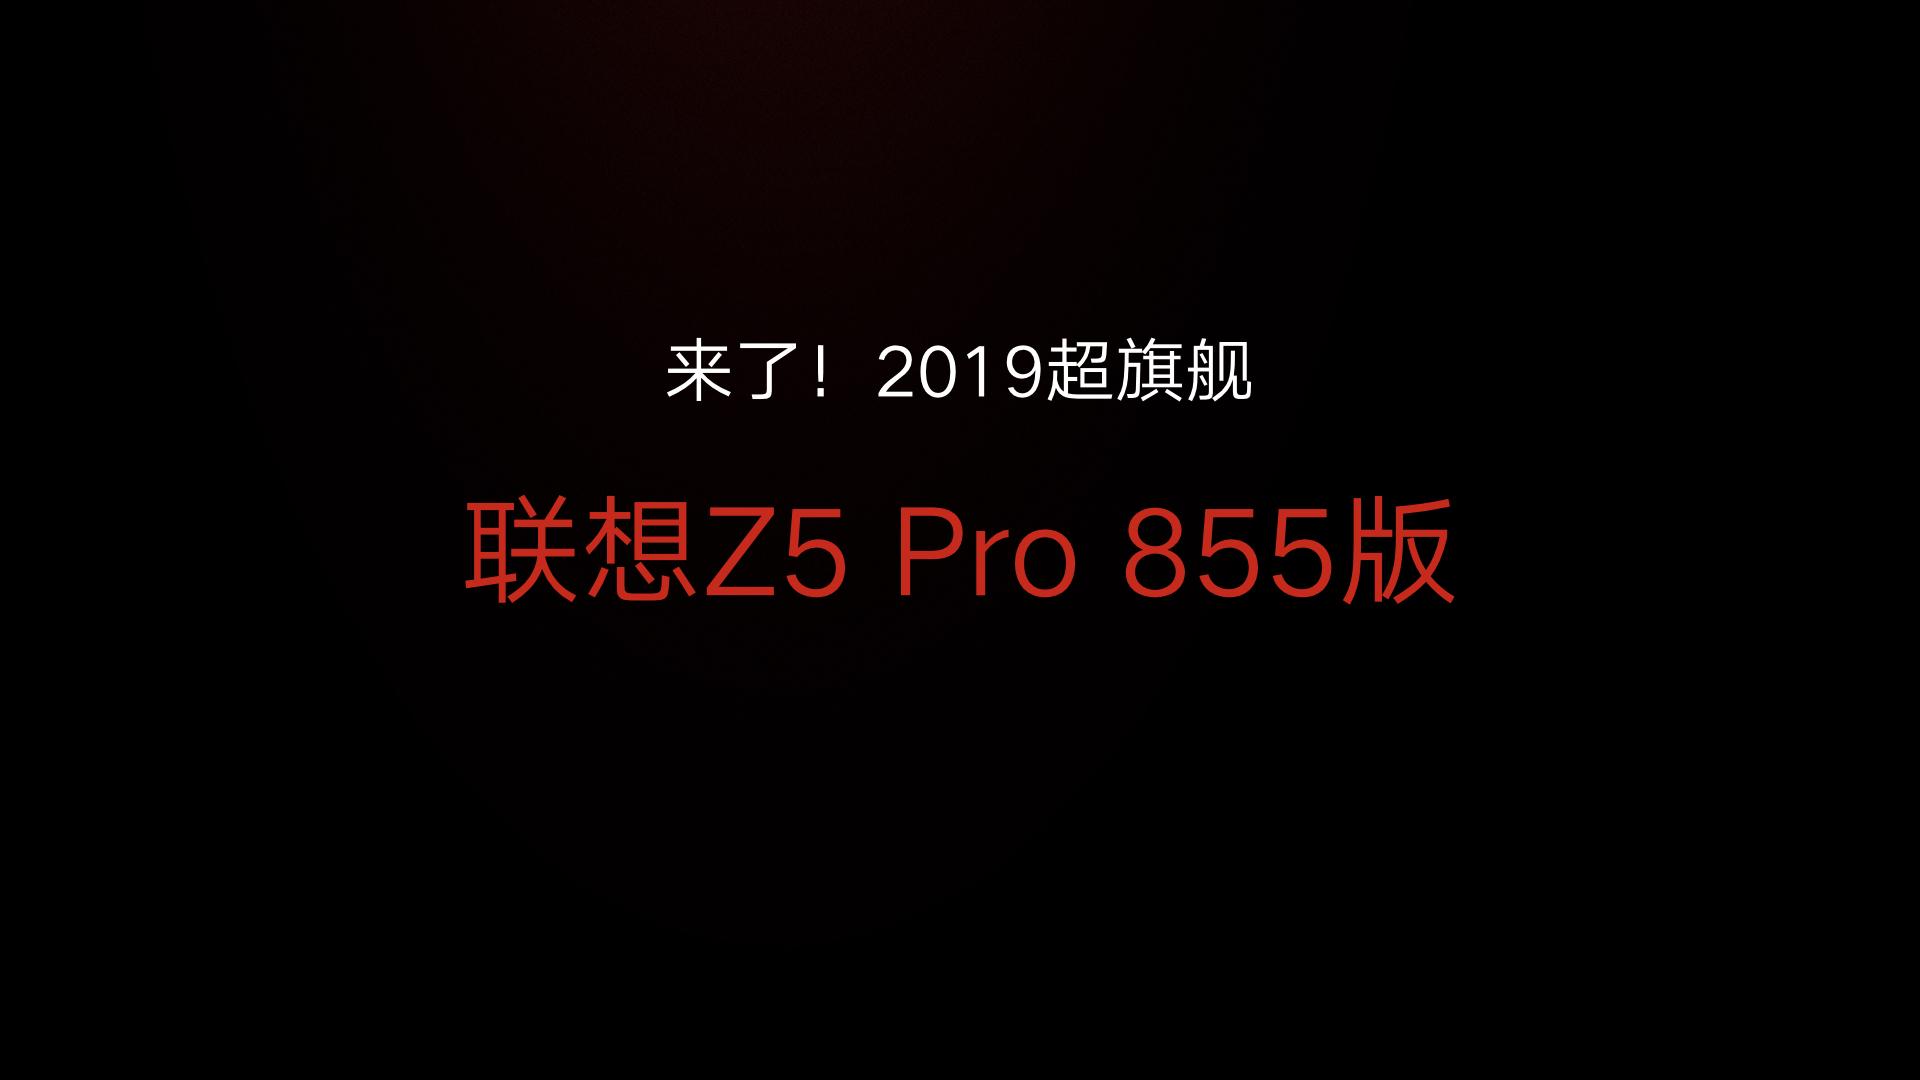 联想发布四款新机:朱一龙版颜值杀 骁龙855的照片 - 10